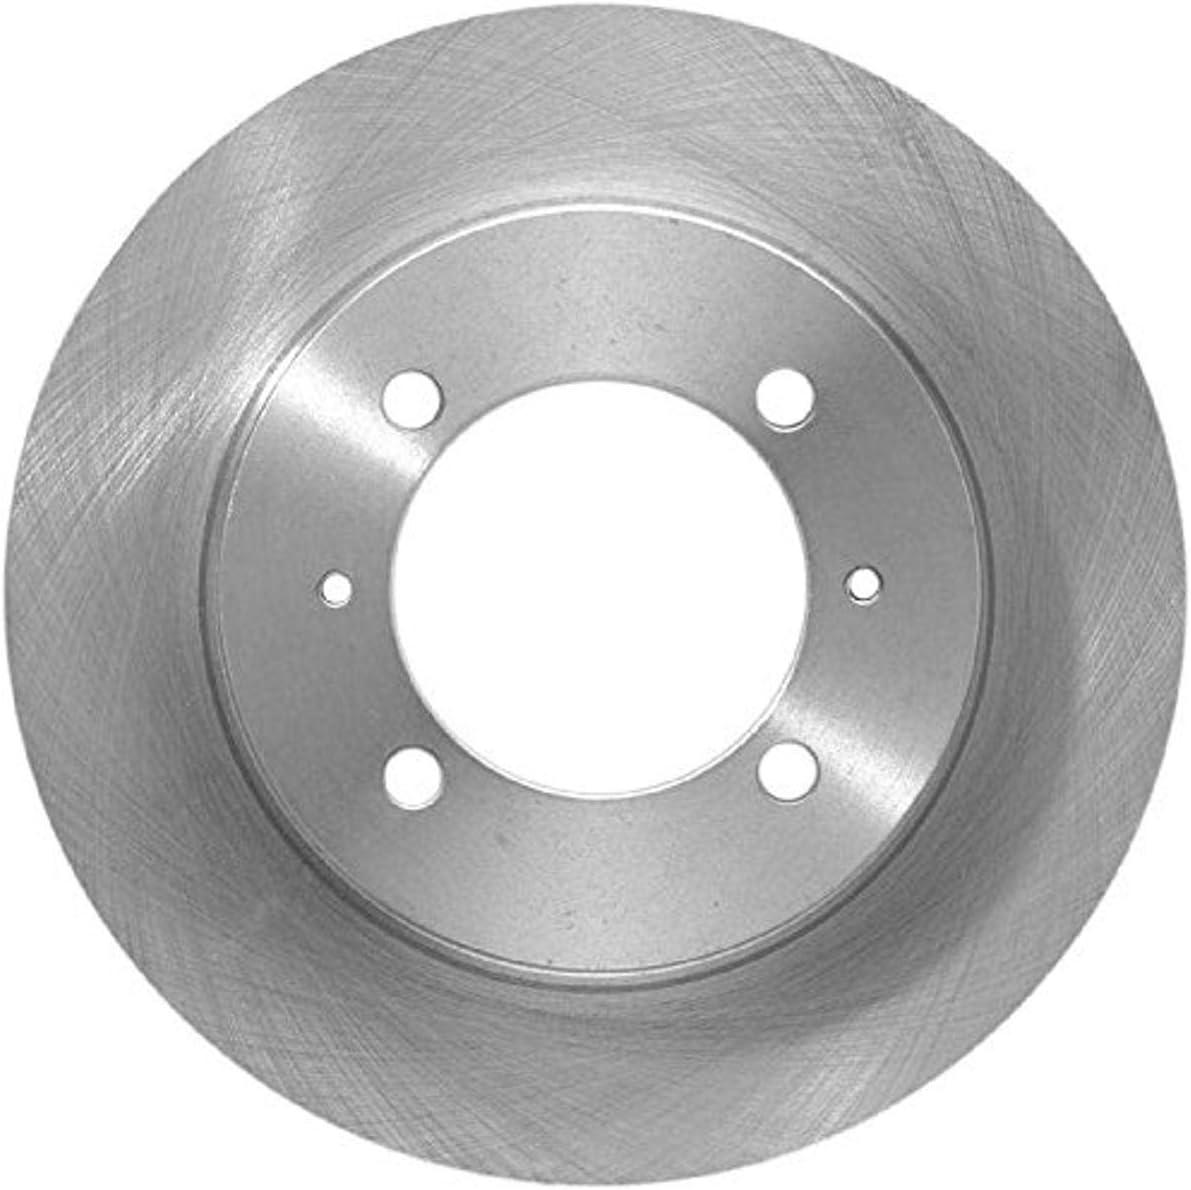 Bendix Premium Drum Max 75% OFF and PRT5428 Rotor Max 71% OFF Rear Brake